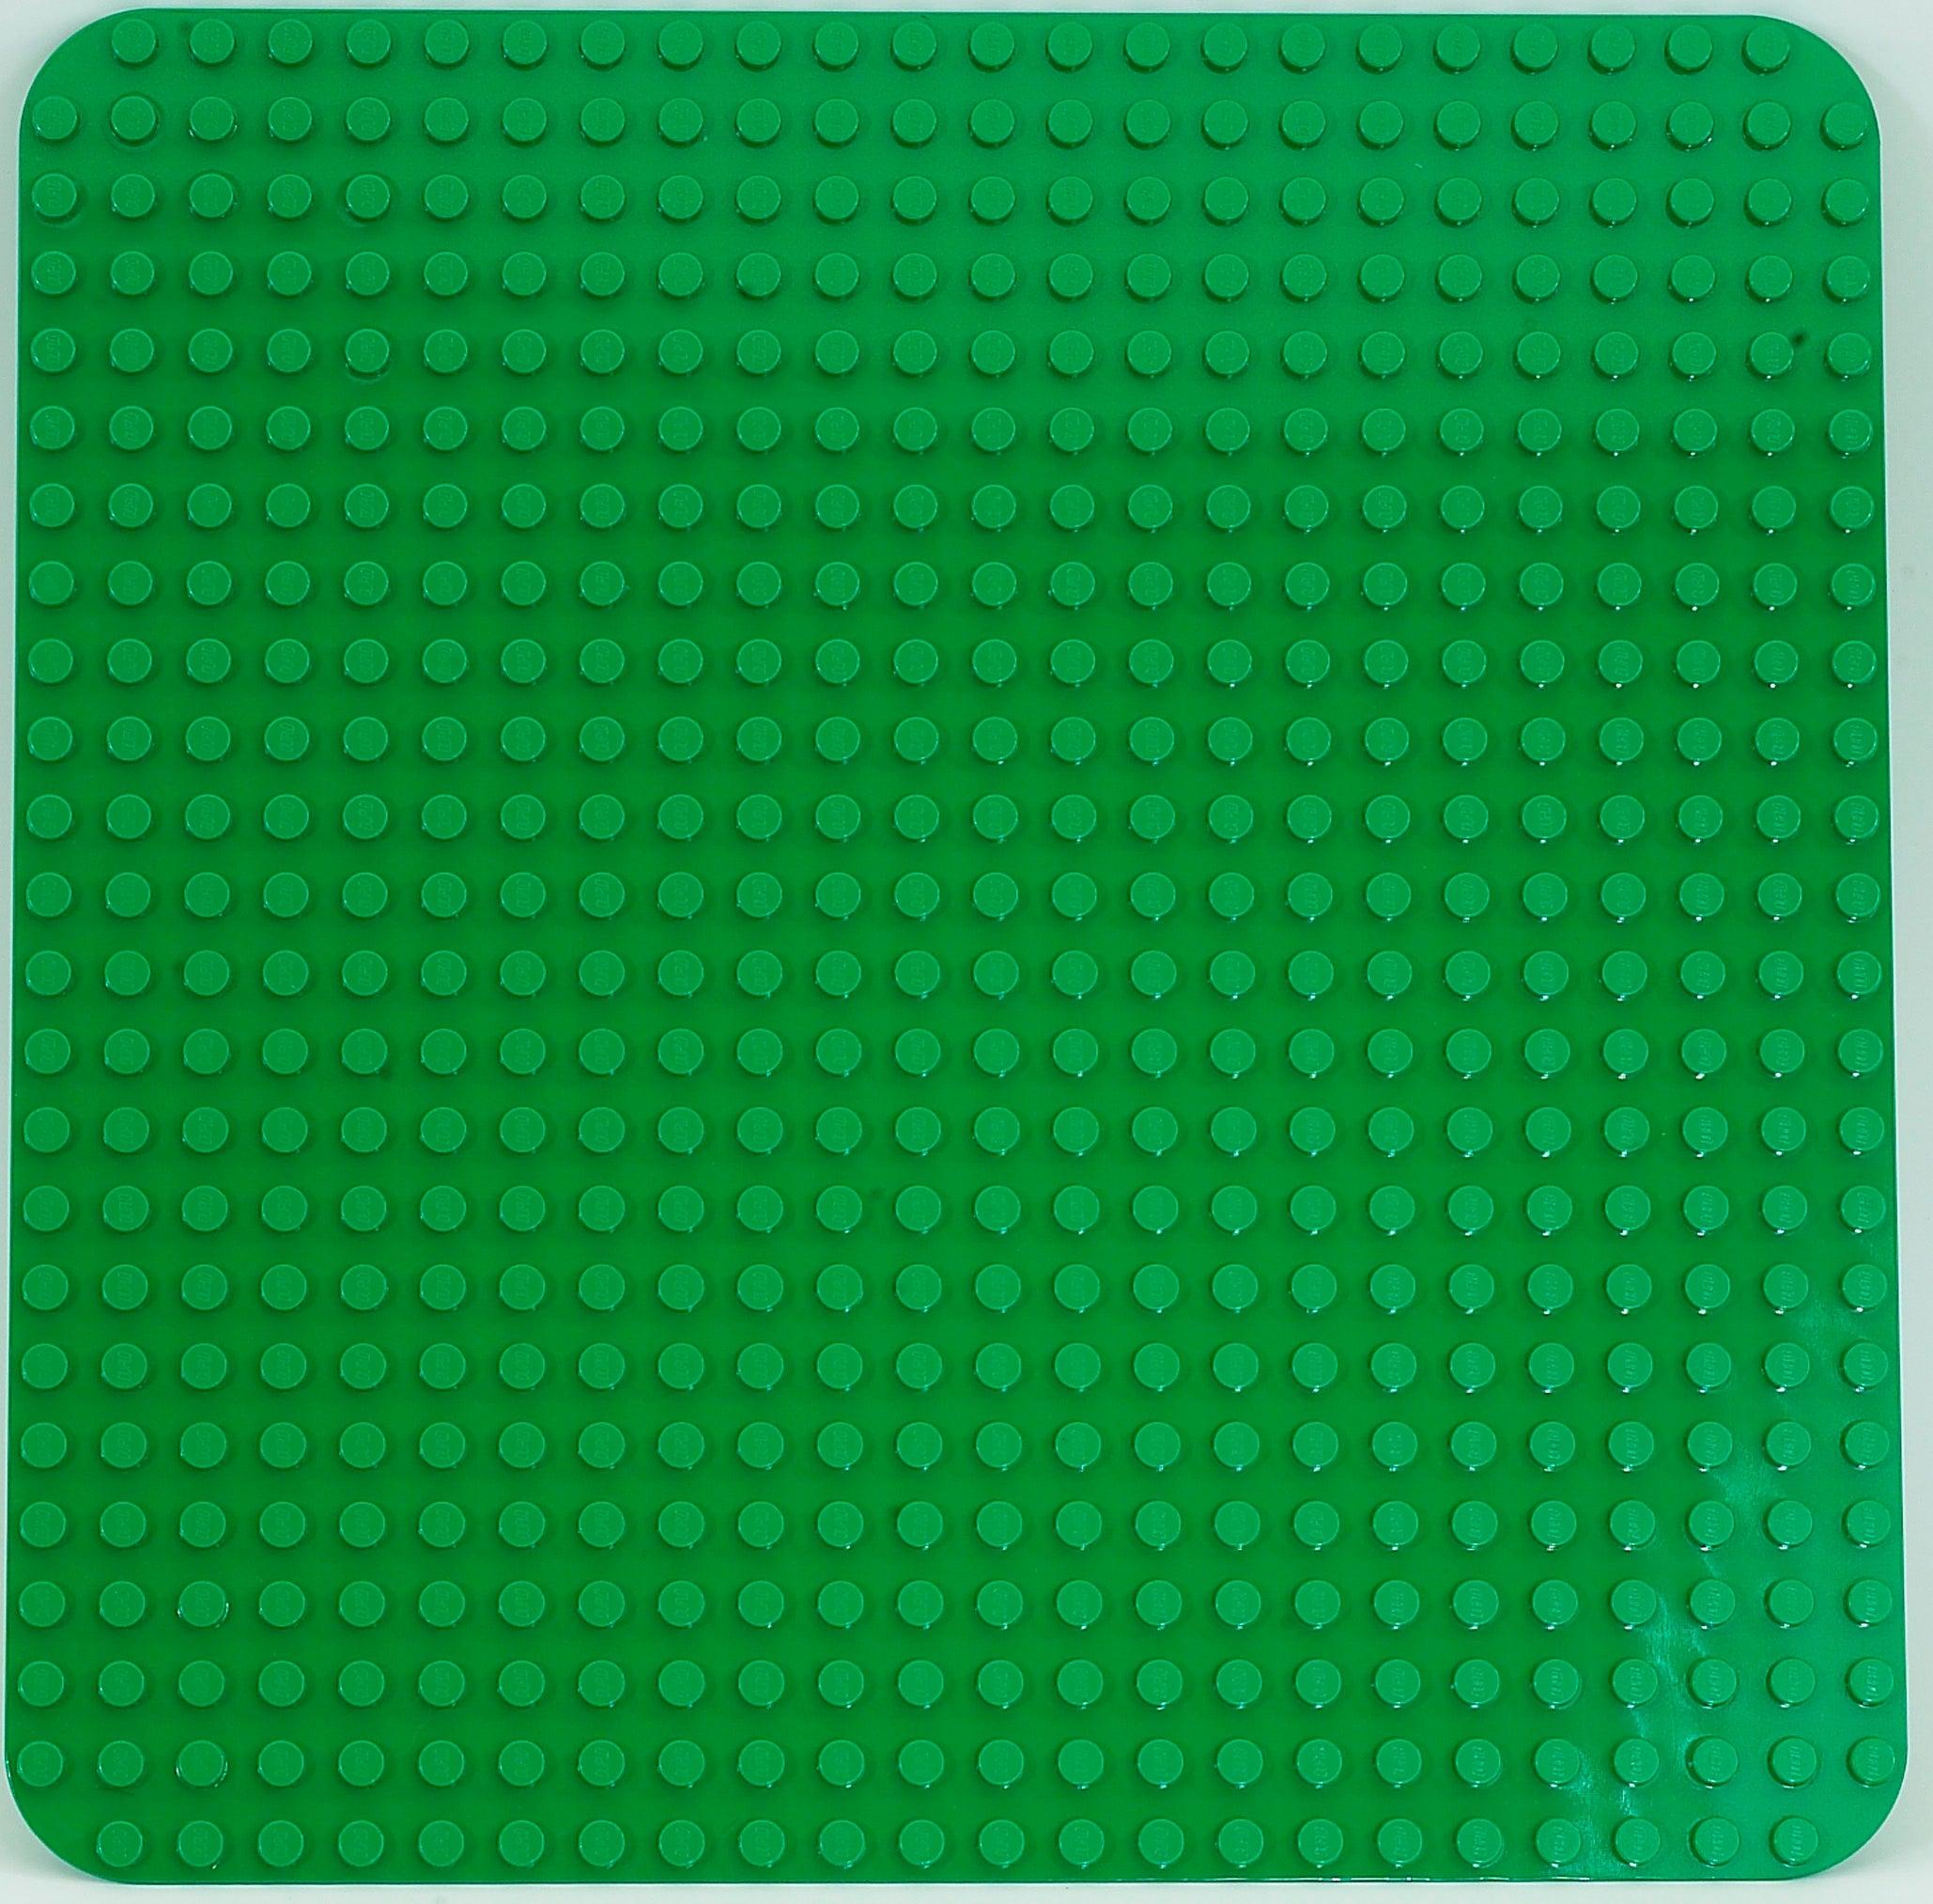 Lego Duplo Baseplate 4x4 Flat 1 yellow